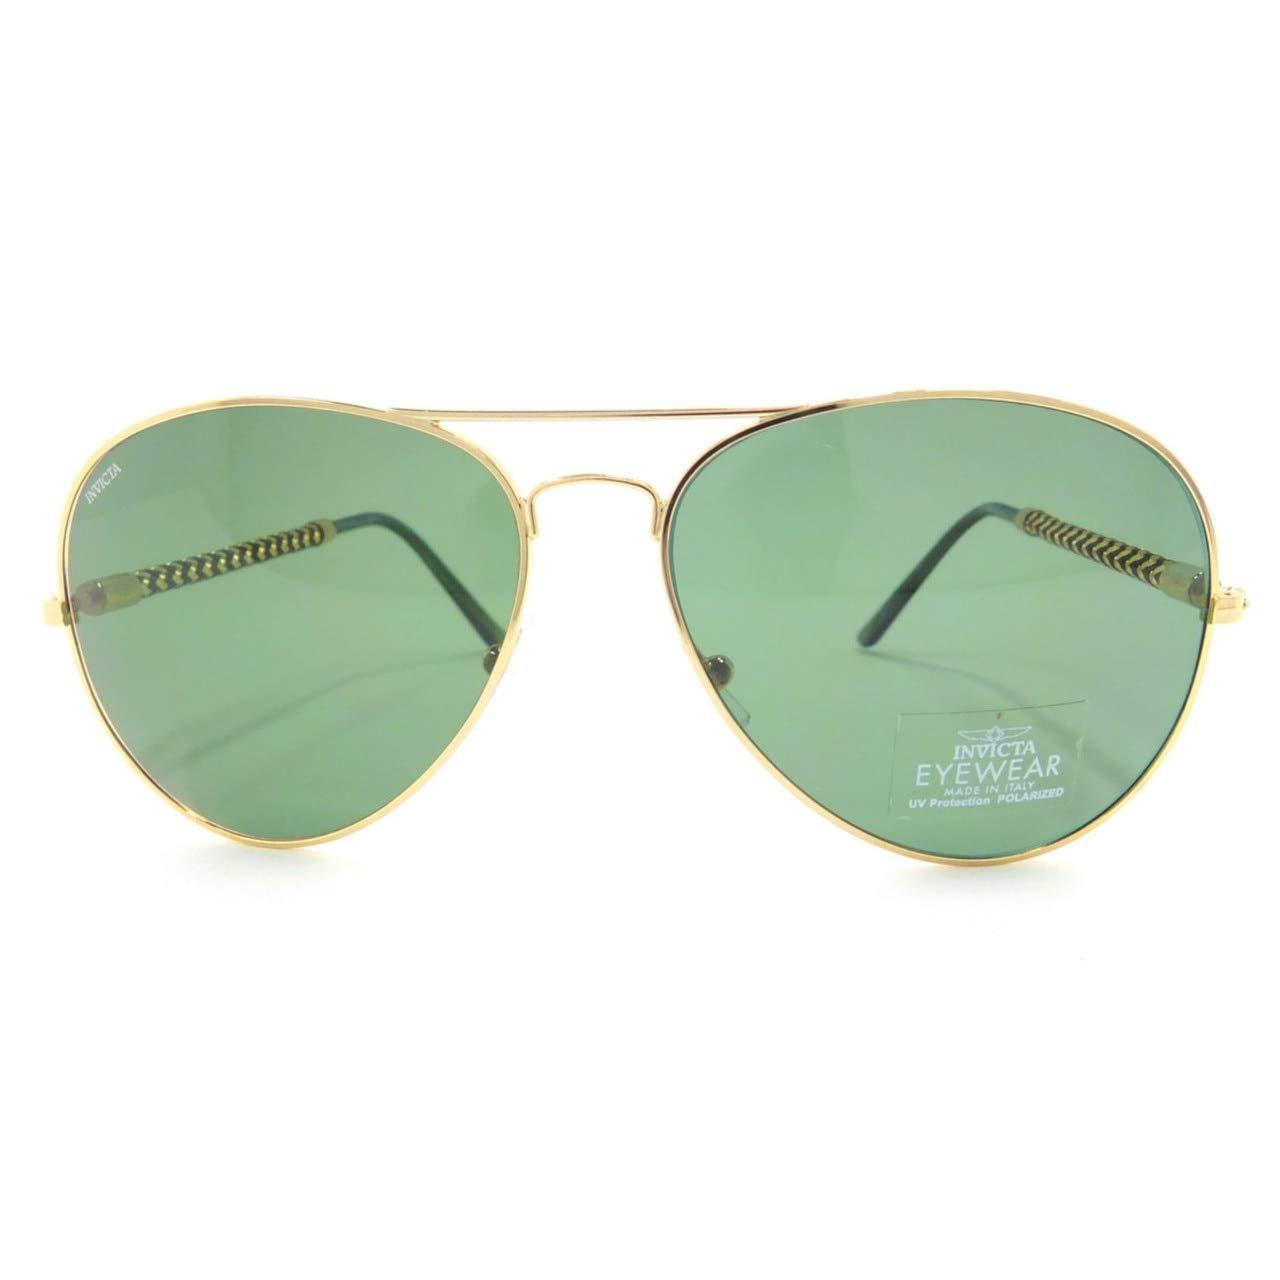 Invicta Gafas de Sol Aviator Vfr 58 Verde: Amazon.es: Ropa y ...